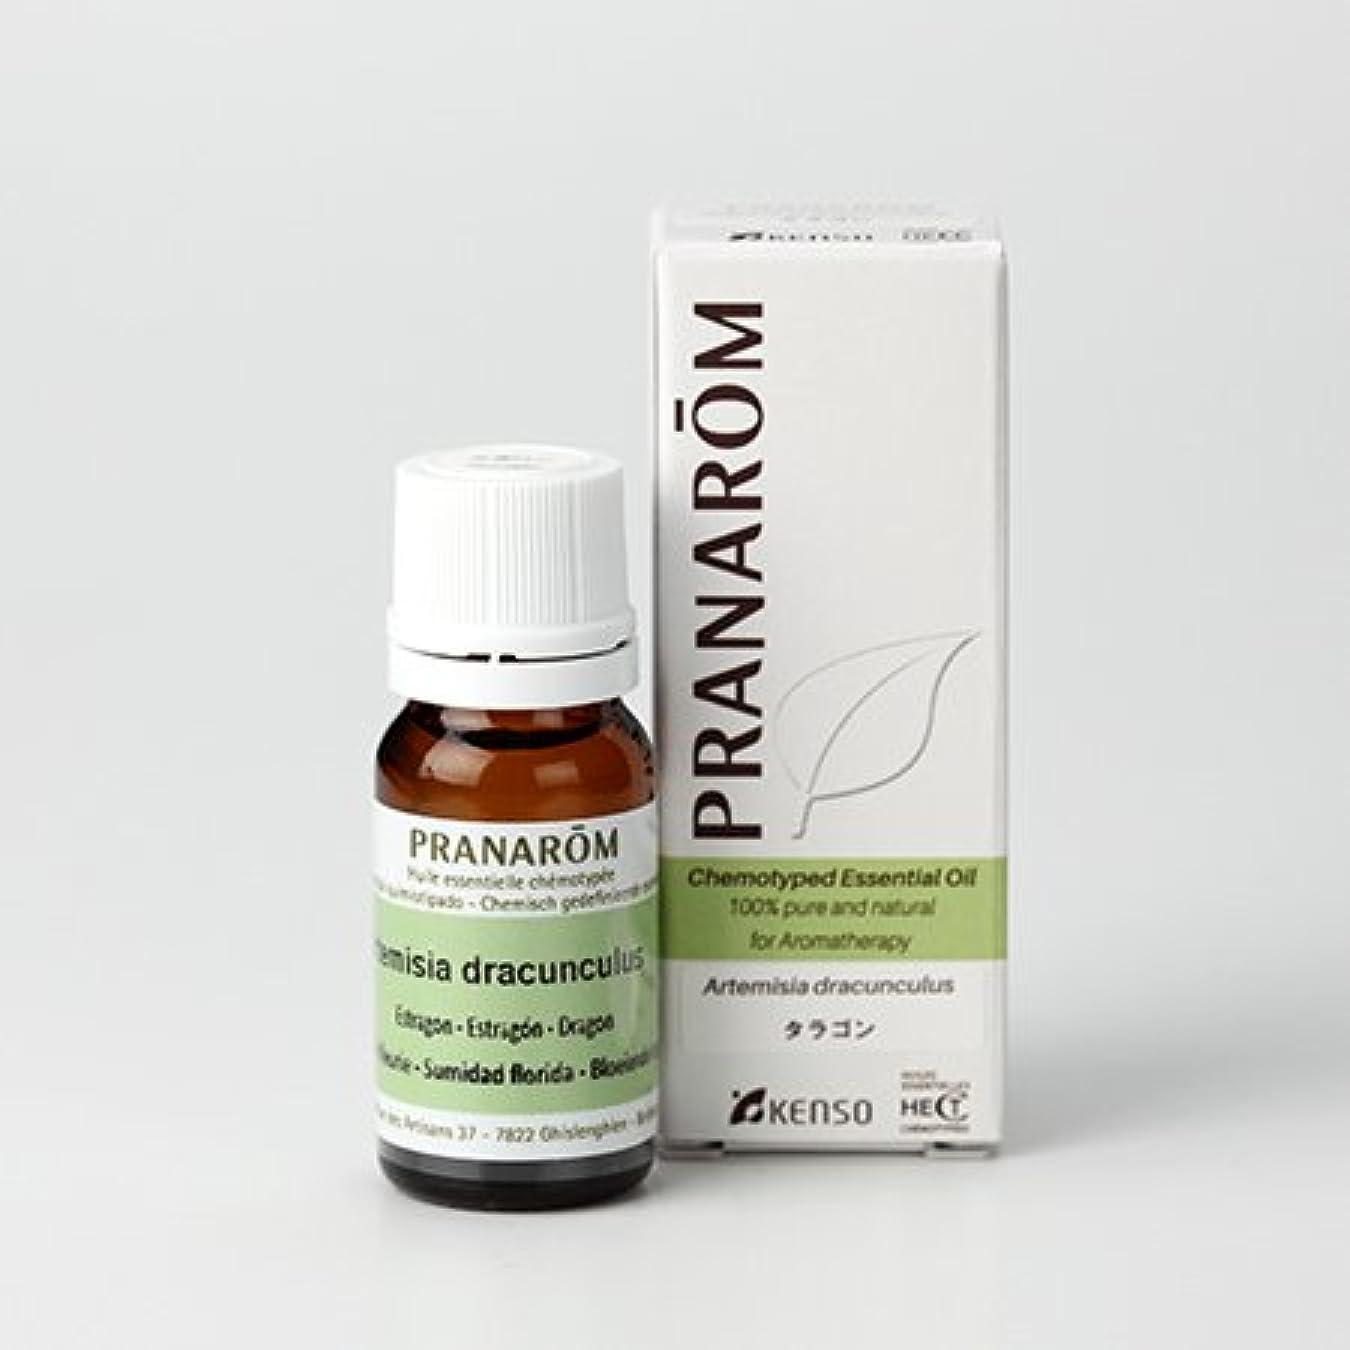 スパイラルハントリングレットプラナロム ( PRANAROM ) 精油 タラゴン 10ml p-15